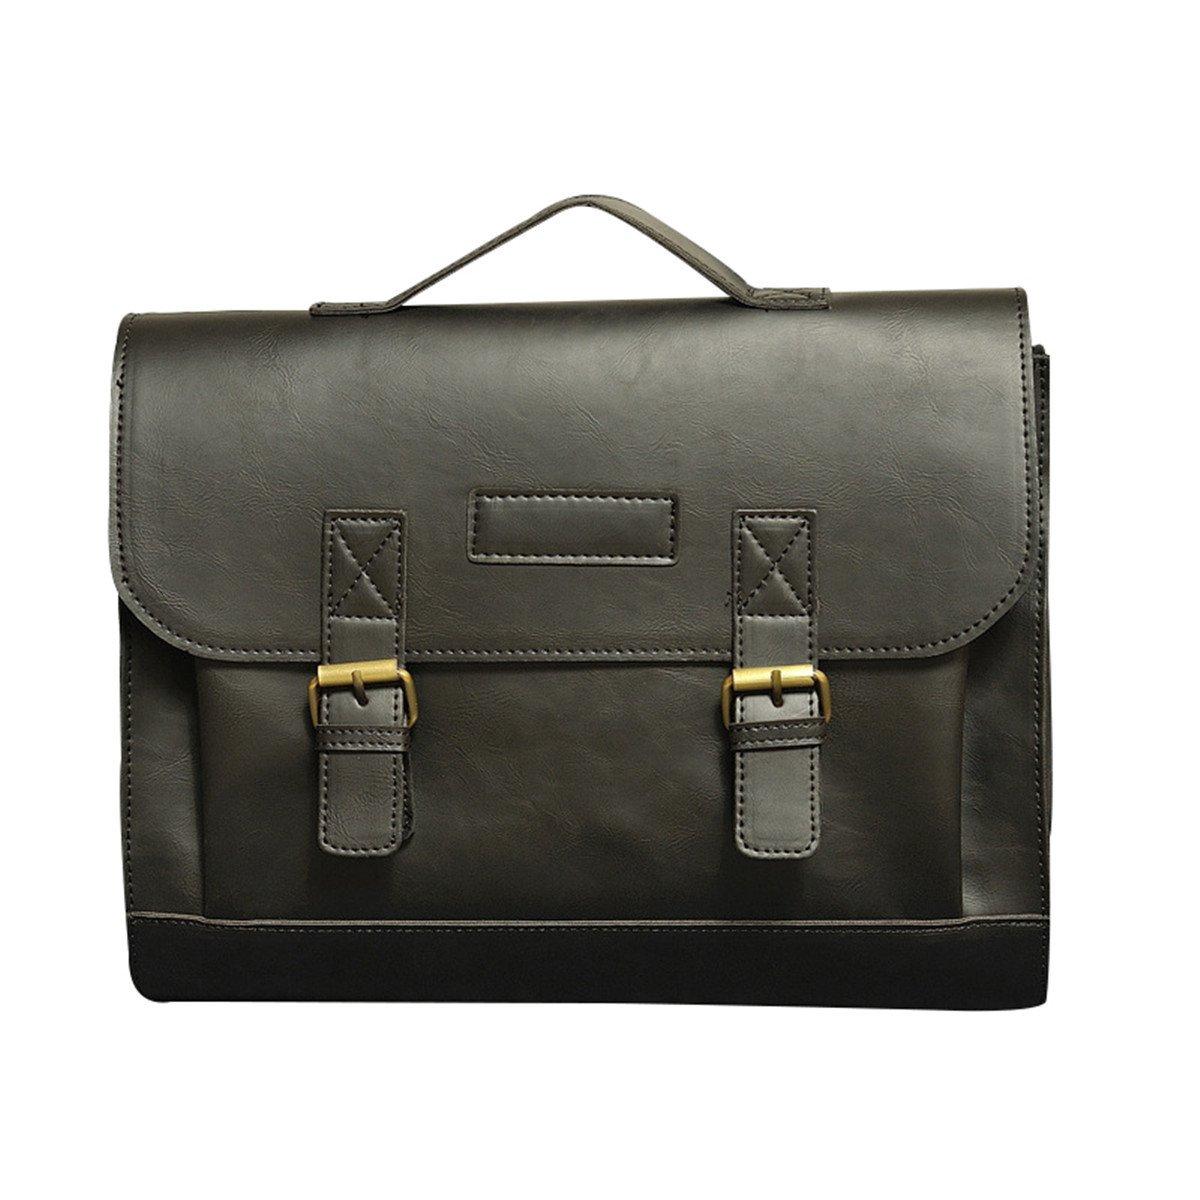 Quanjie Herren Vintage Umhängetasche Laptoptasche große Größe 15, 6 Zoll Laptop Aktentasche Wasserdichte Messenger Bag (Braun)